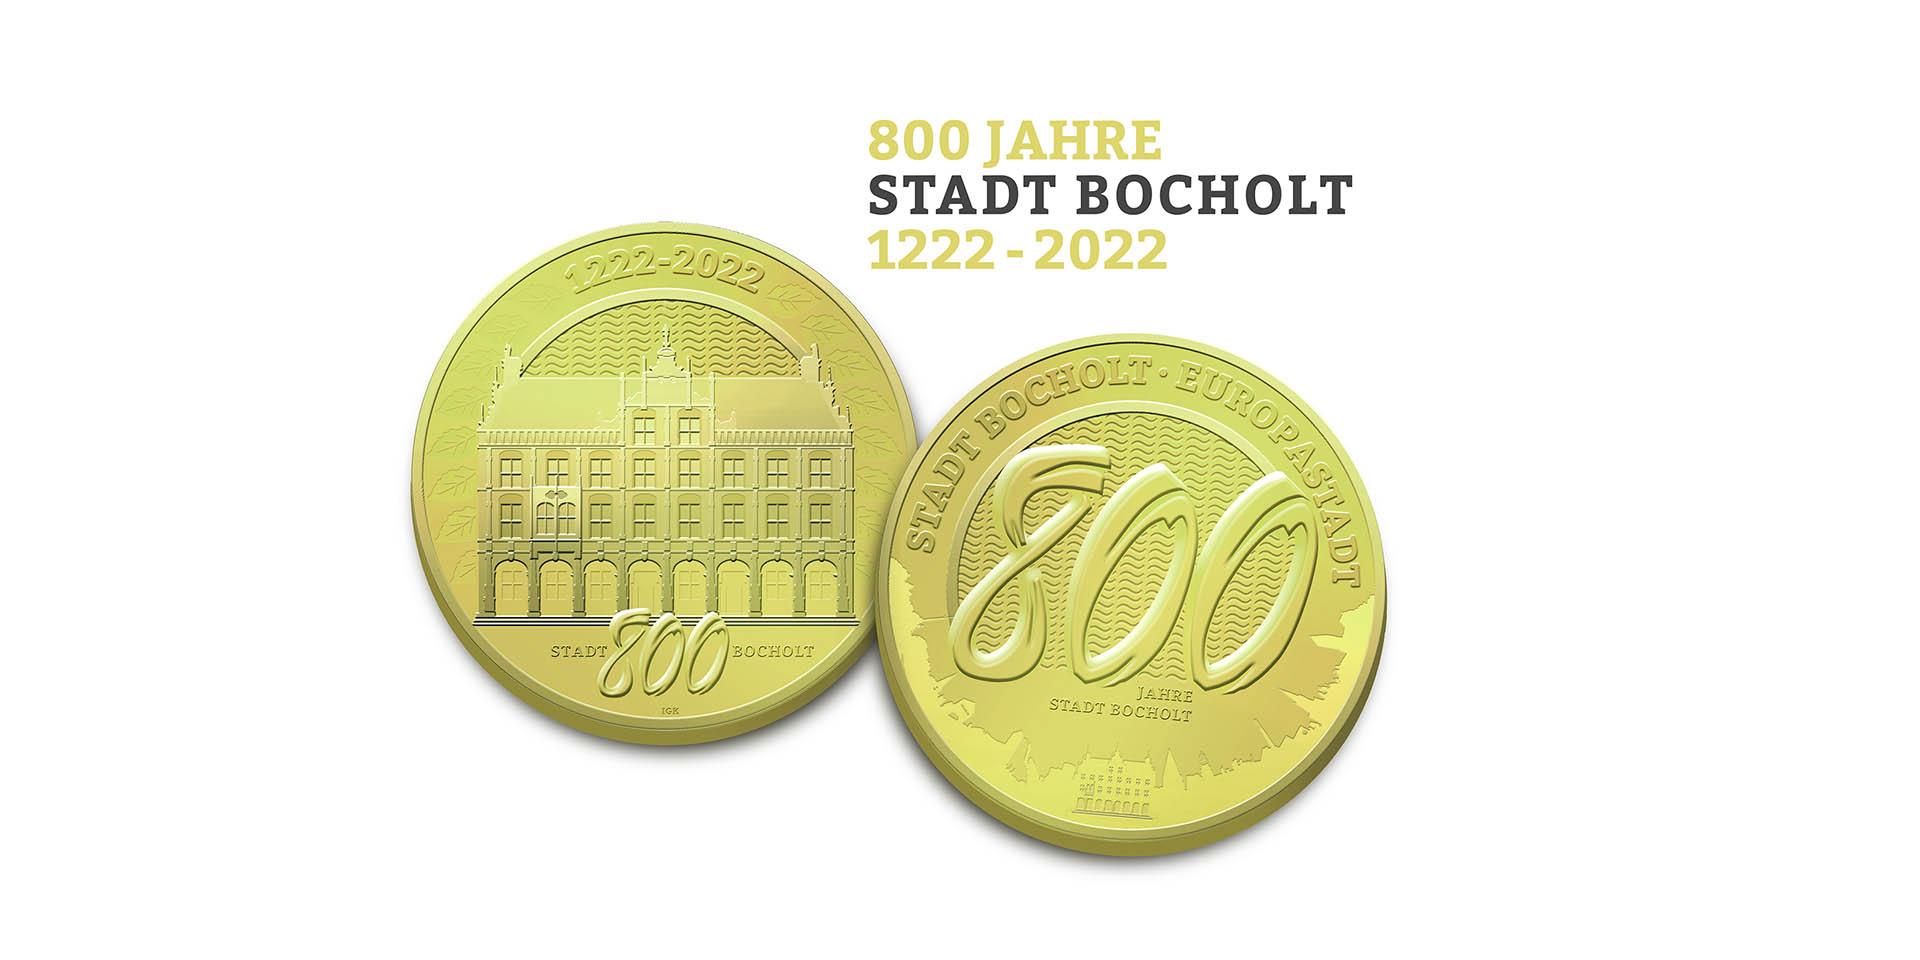 Bocholt auf Münzen zum 800-jährigen Jubiläum